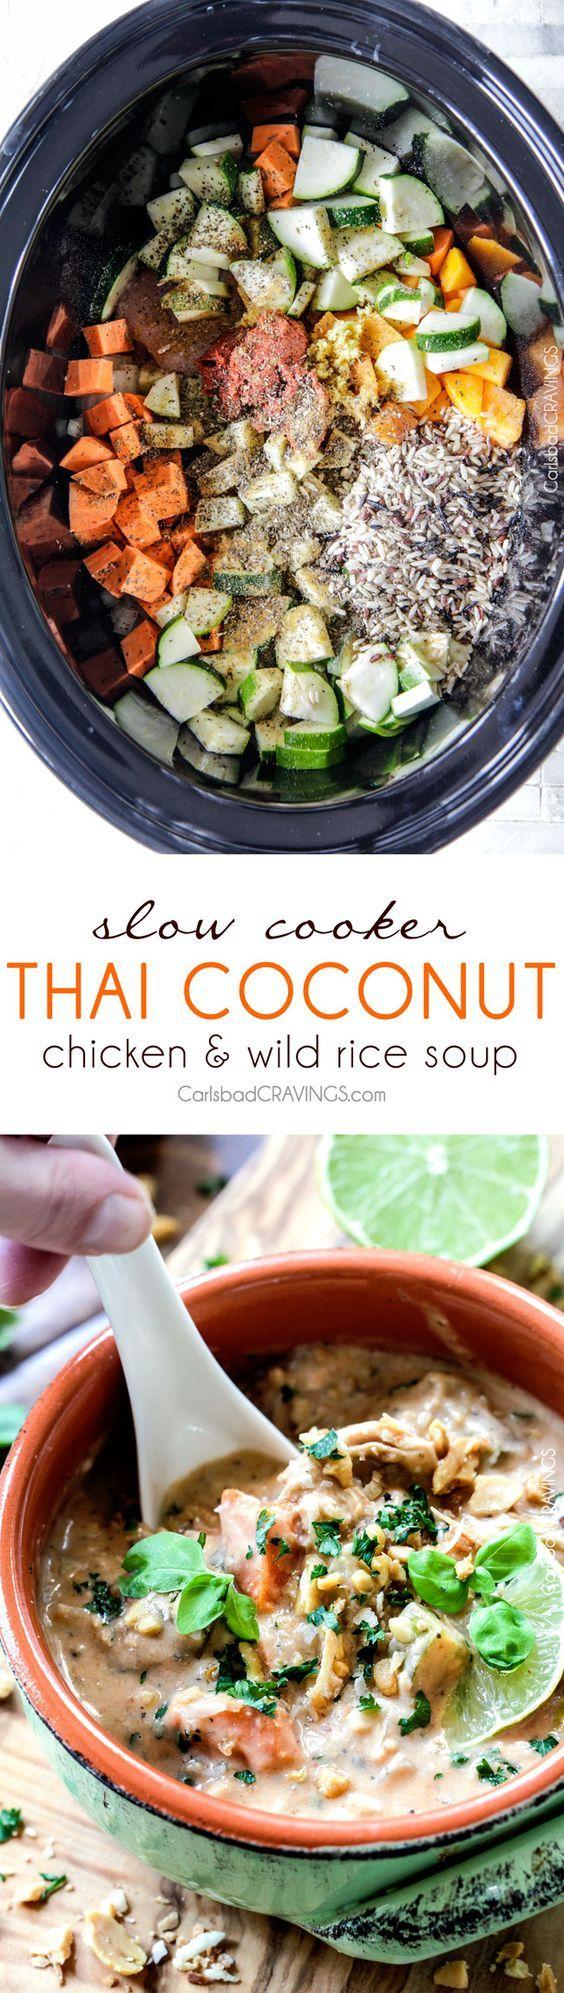 Slow Cooker Thai Coconut Chicken Wild Rice Soup | Chicken Wild Rice ...